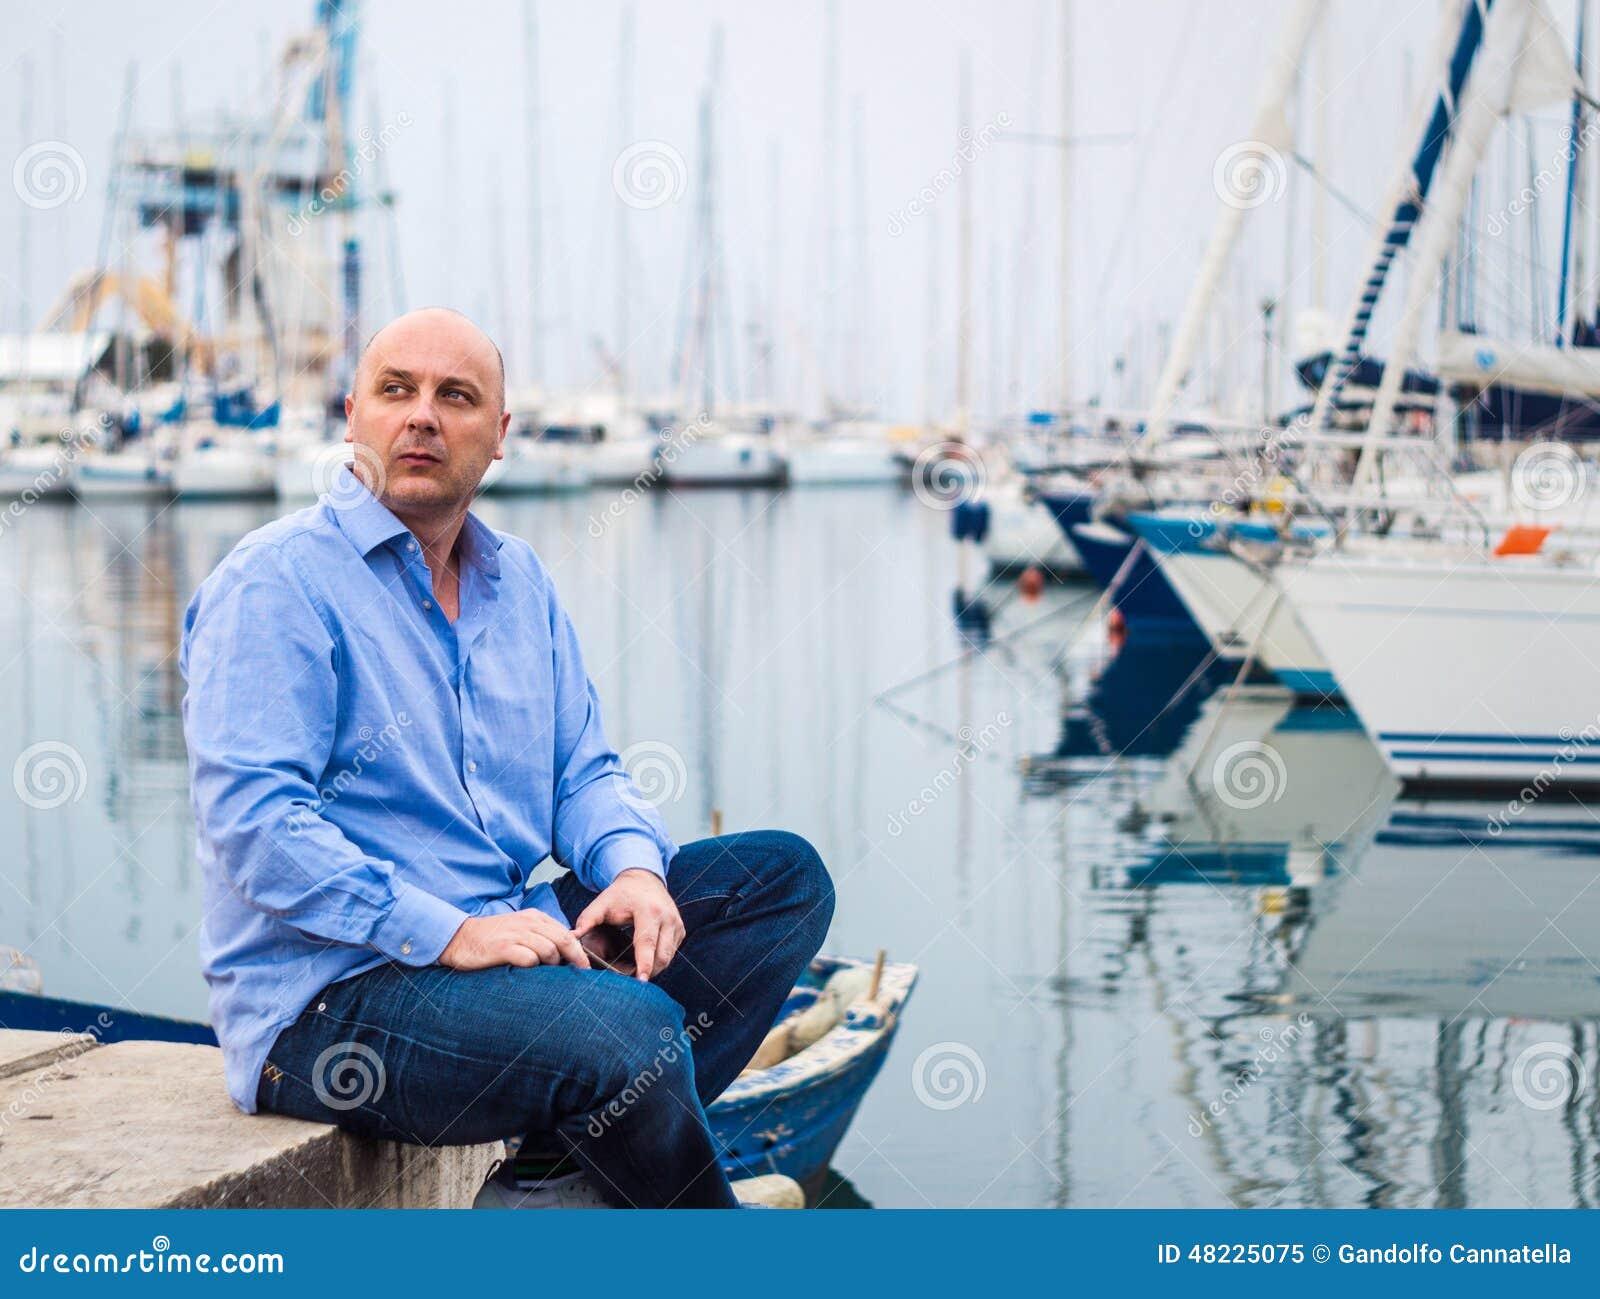 Affärsmansammanträde med dyra segelbåtar och yachter i A.C.